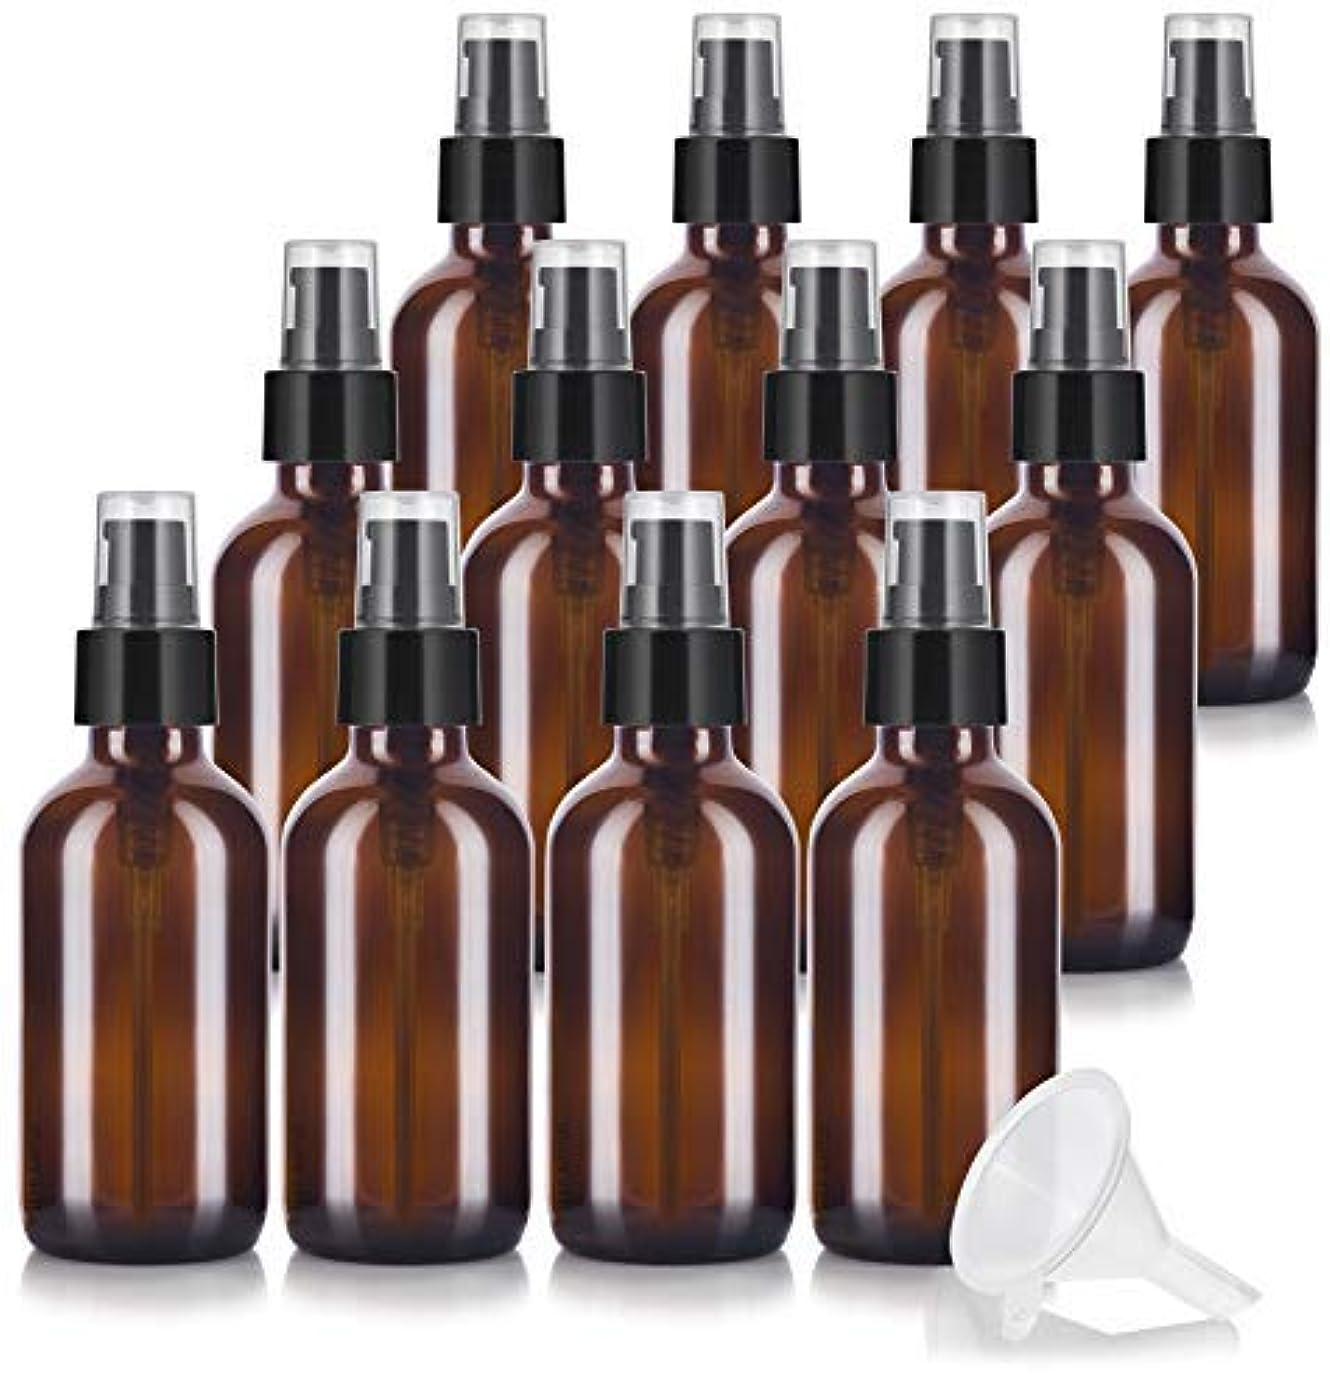 心のこもったペフ船尾4 oz Amber Glass Boston Round Treatment Pump Bottle (12 pack) + Funnel and Labels for essential oils, aromatherapy...